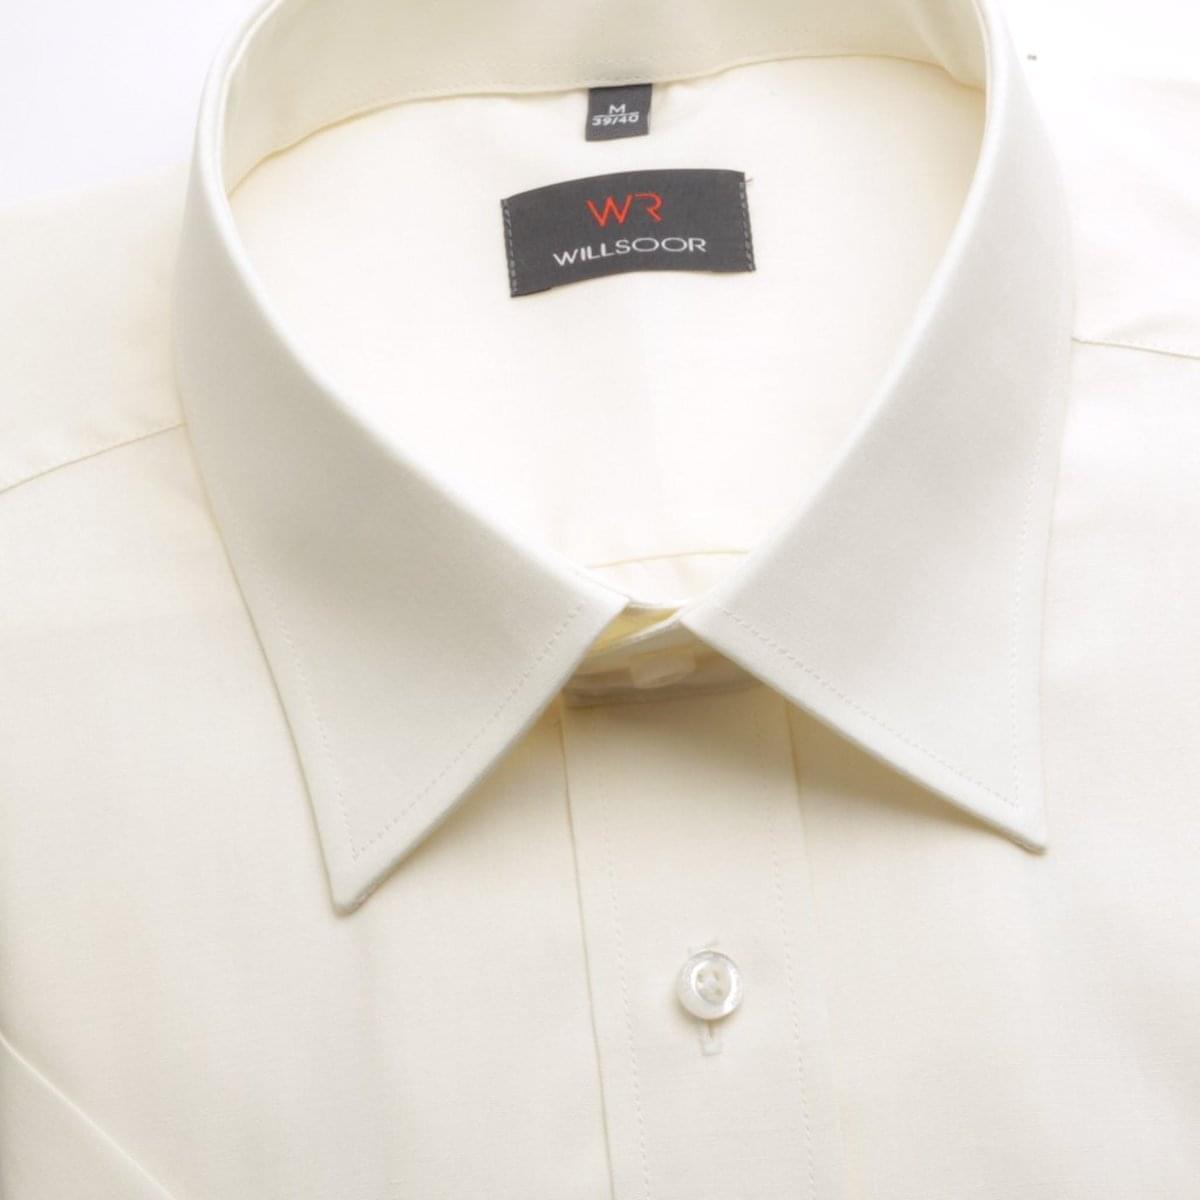 Pánska košele WR Slim Fit s krátkym rukávom v ecru farbe (výška 176-182) 4856 176-182 / S (37/38)